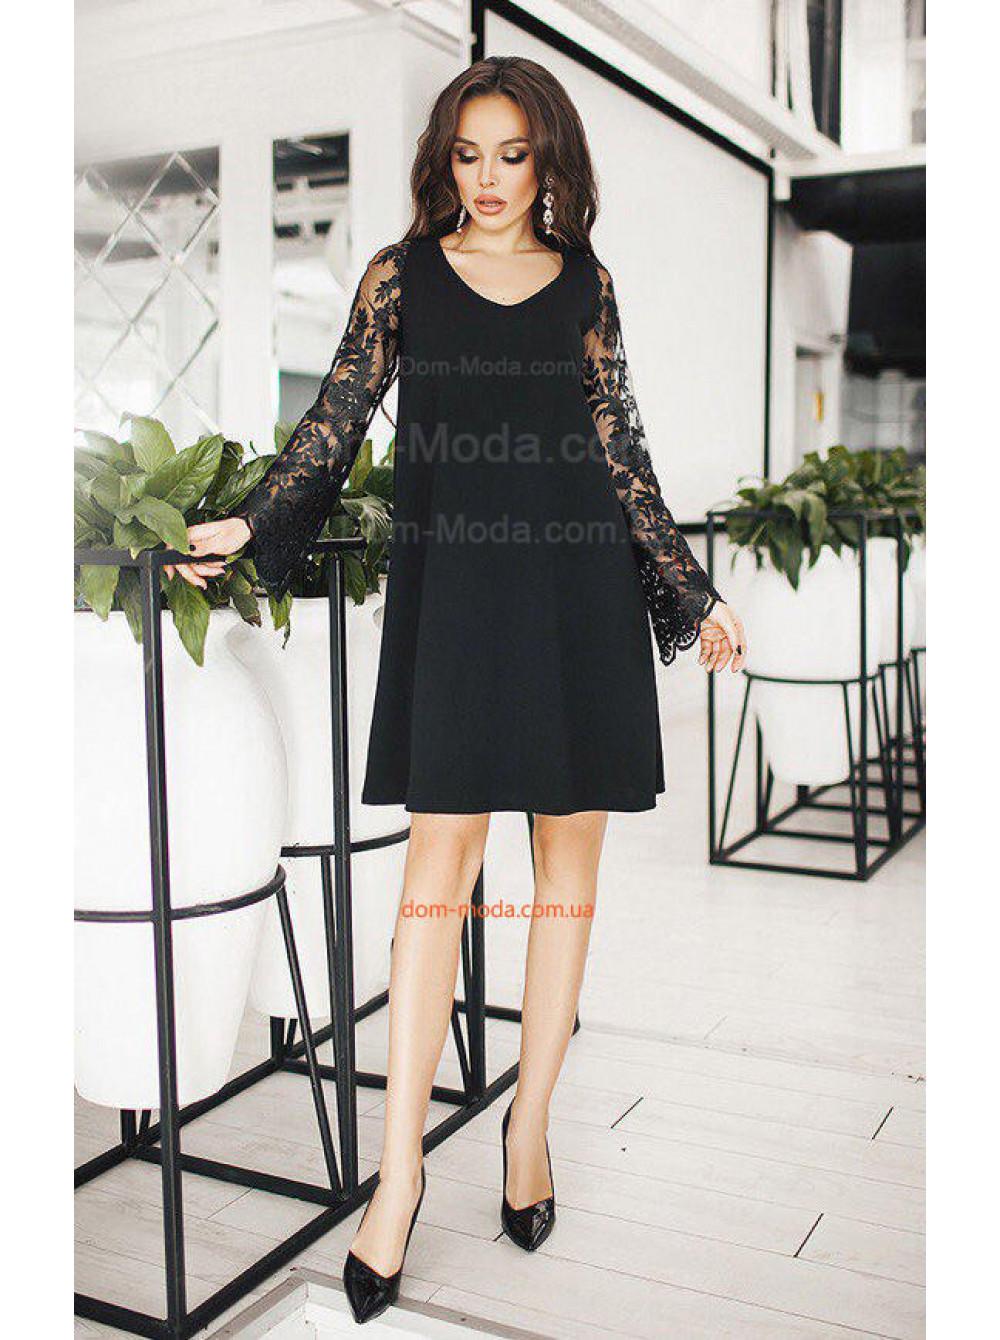 Плаття з мереживним рукавом купити за 430 грн SF-8738 в магазині ... 2bac038159825